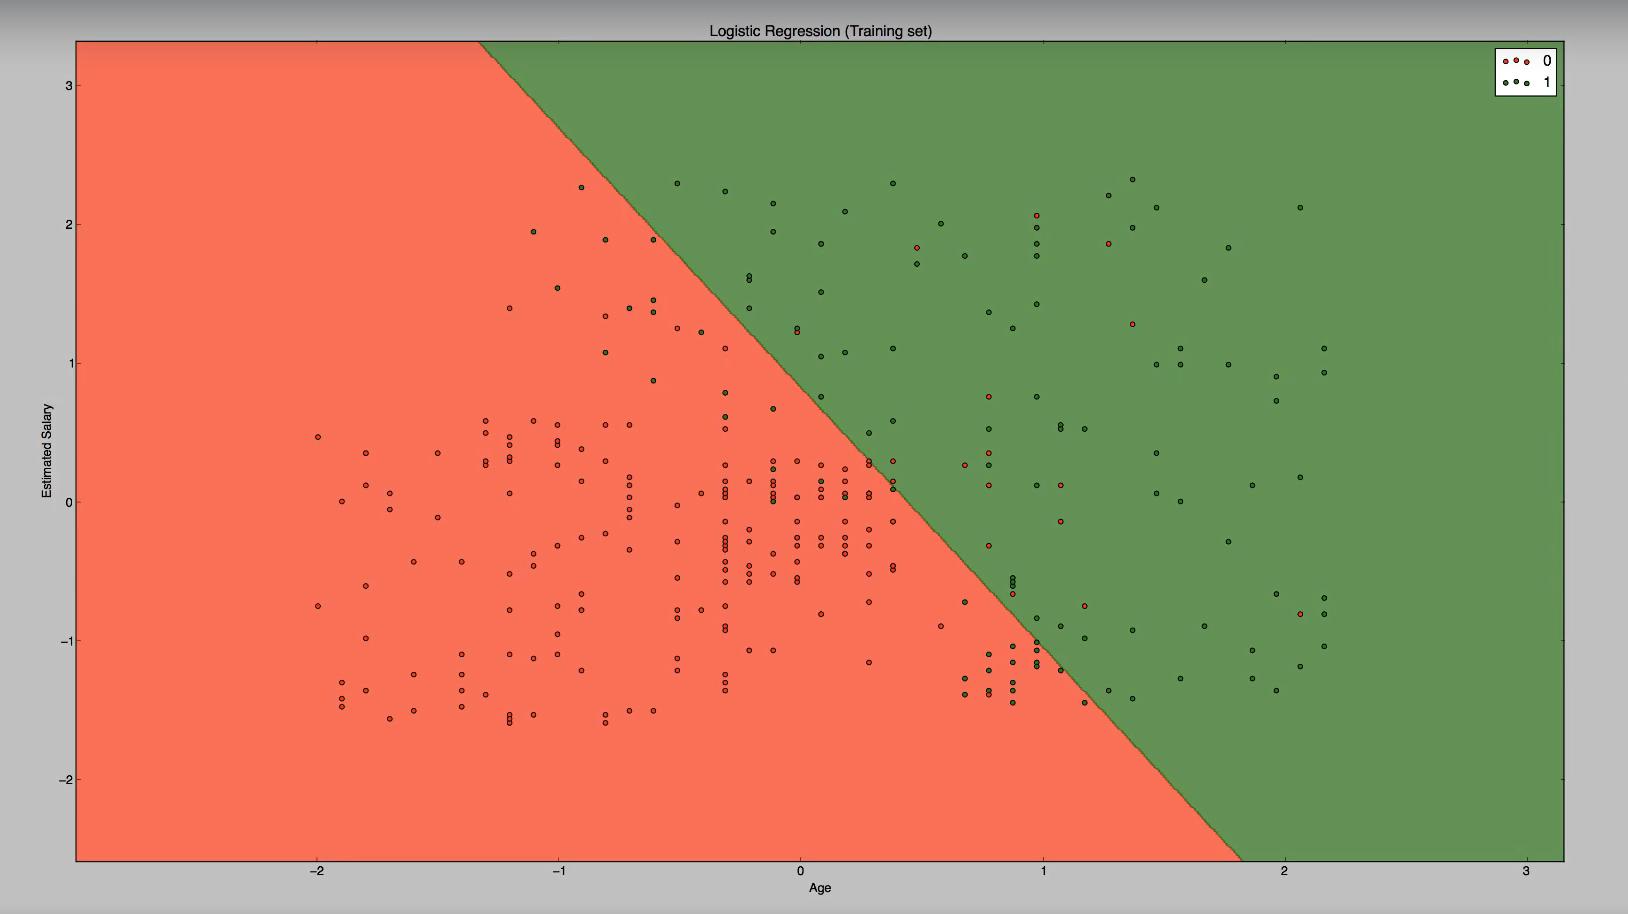 Visualisierung / geplottete Graphik zur Klassifizierung mithilfe der Logistischen Regression